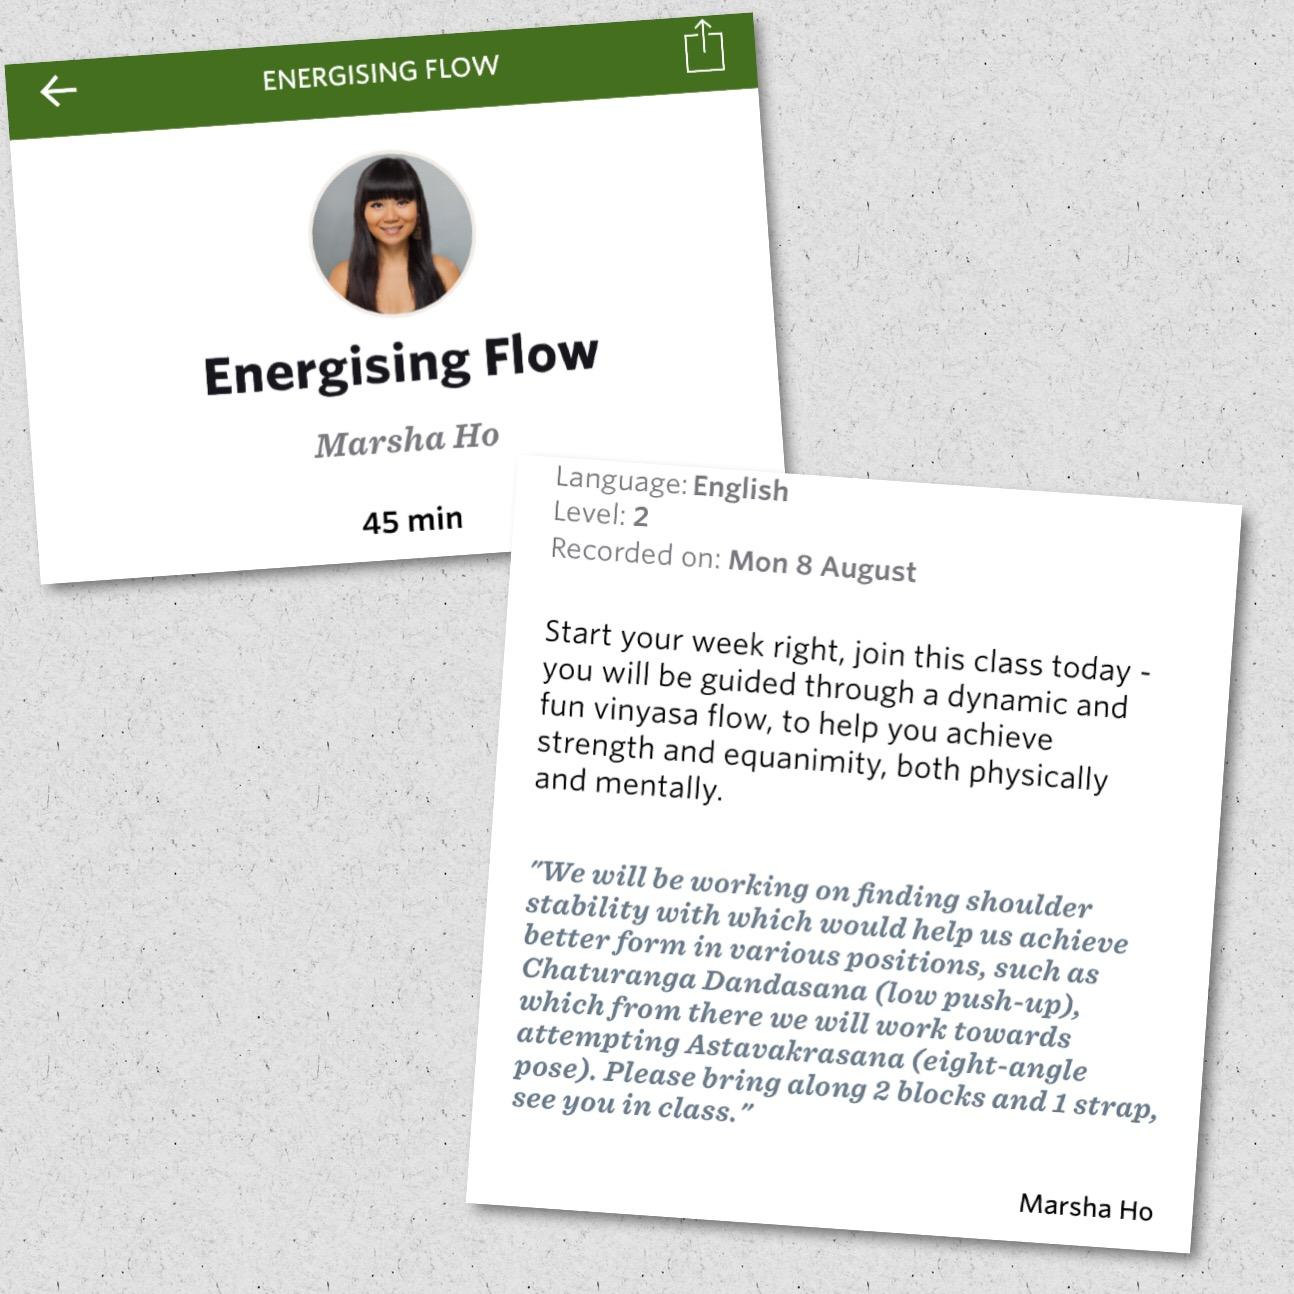 Image - Yogaia energising flow summary